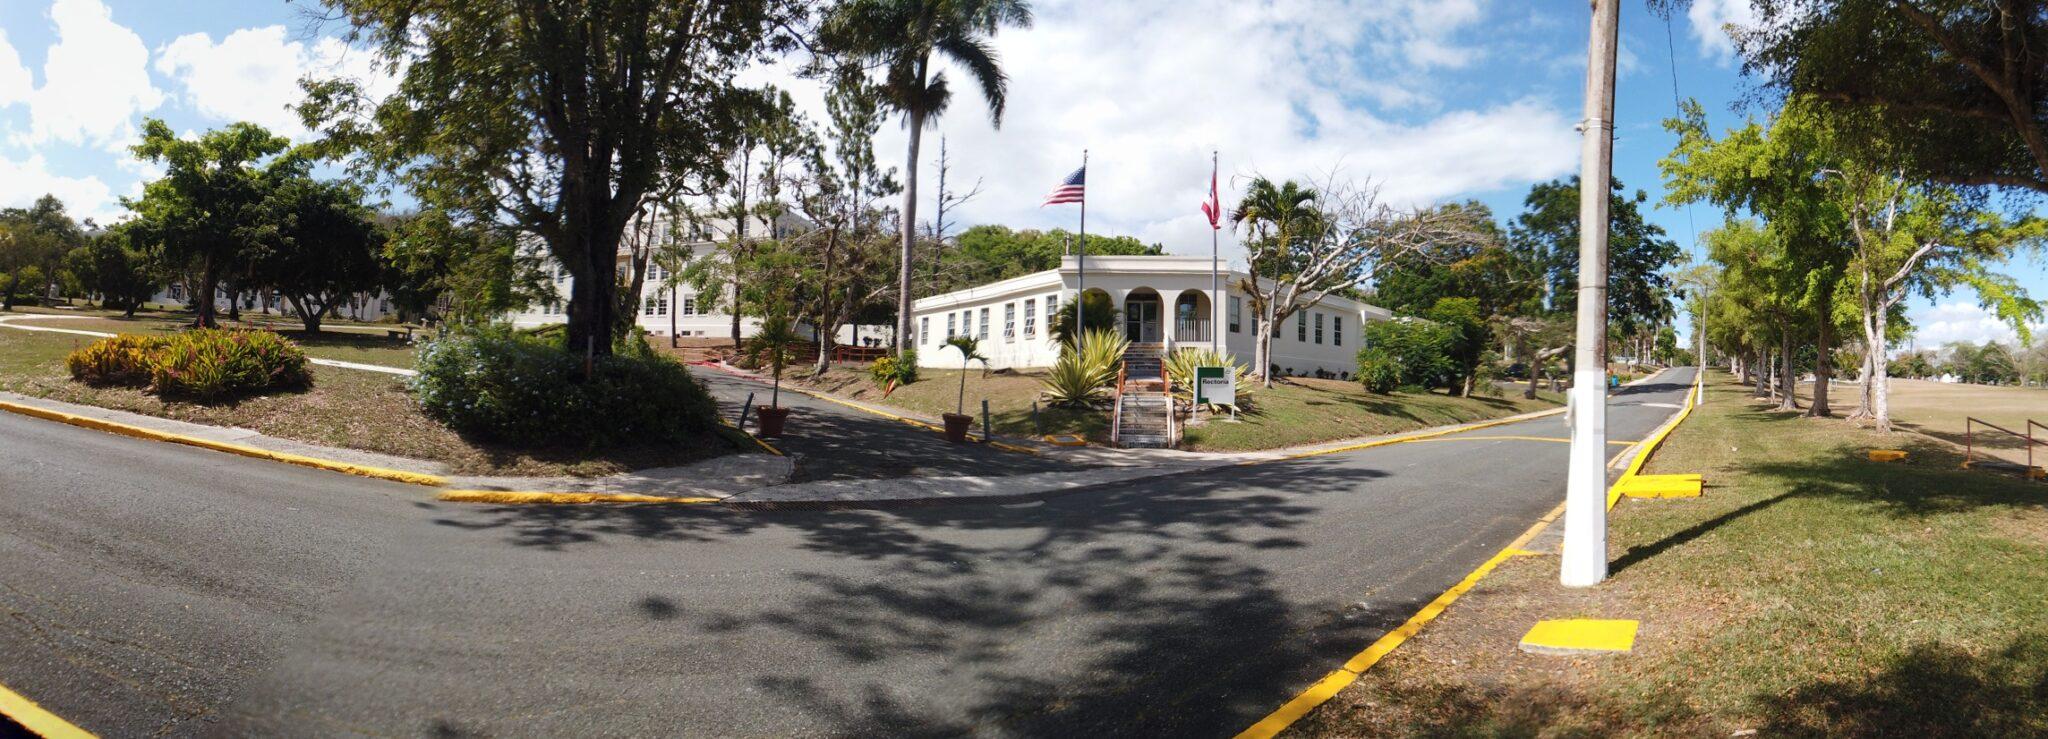 Foto panoramica de Rectoría UPR Cayey